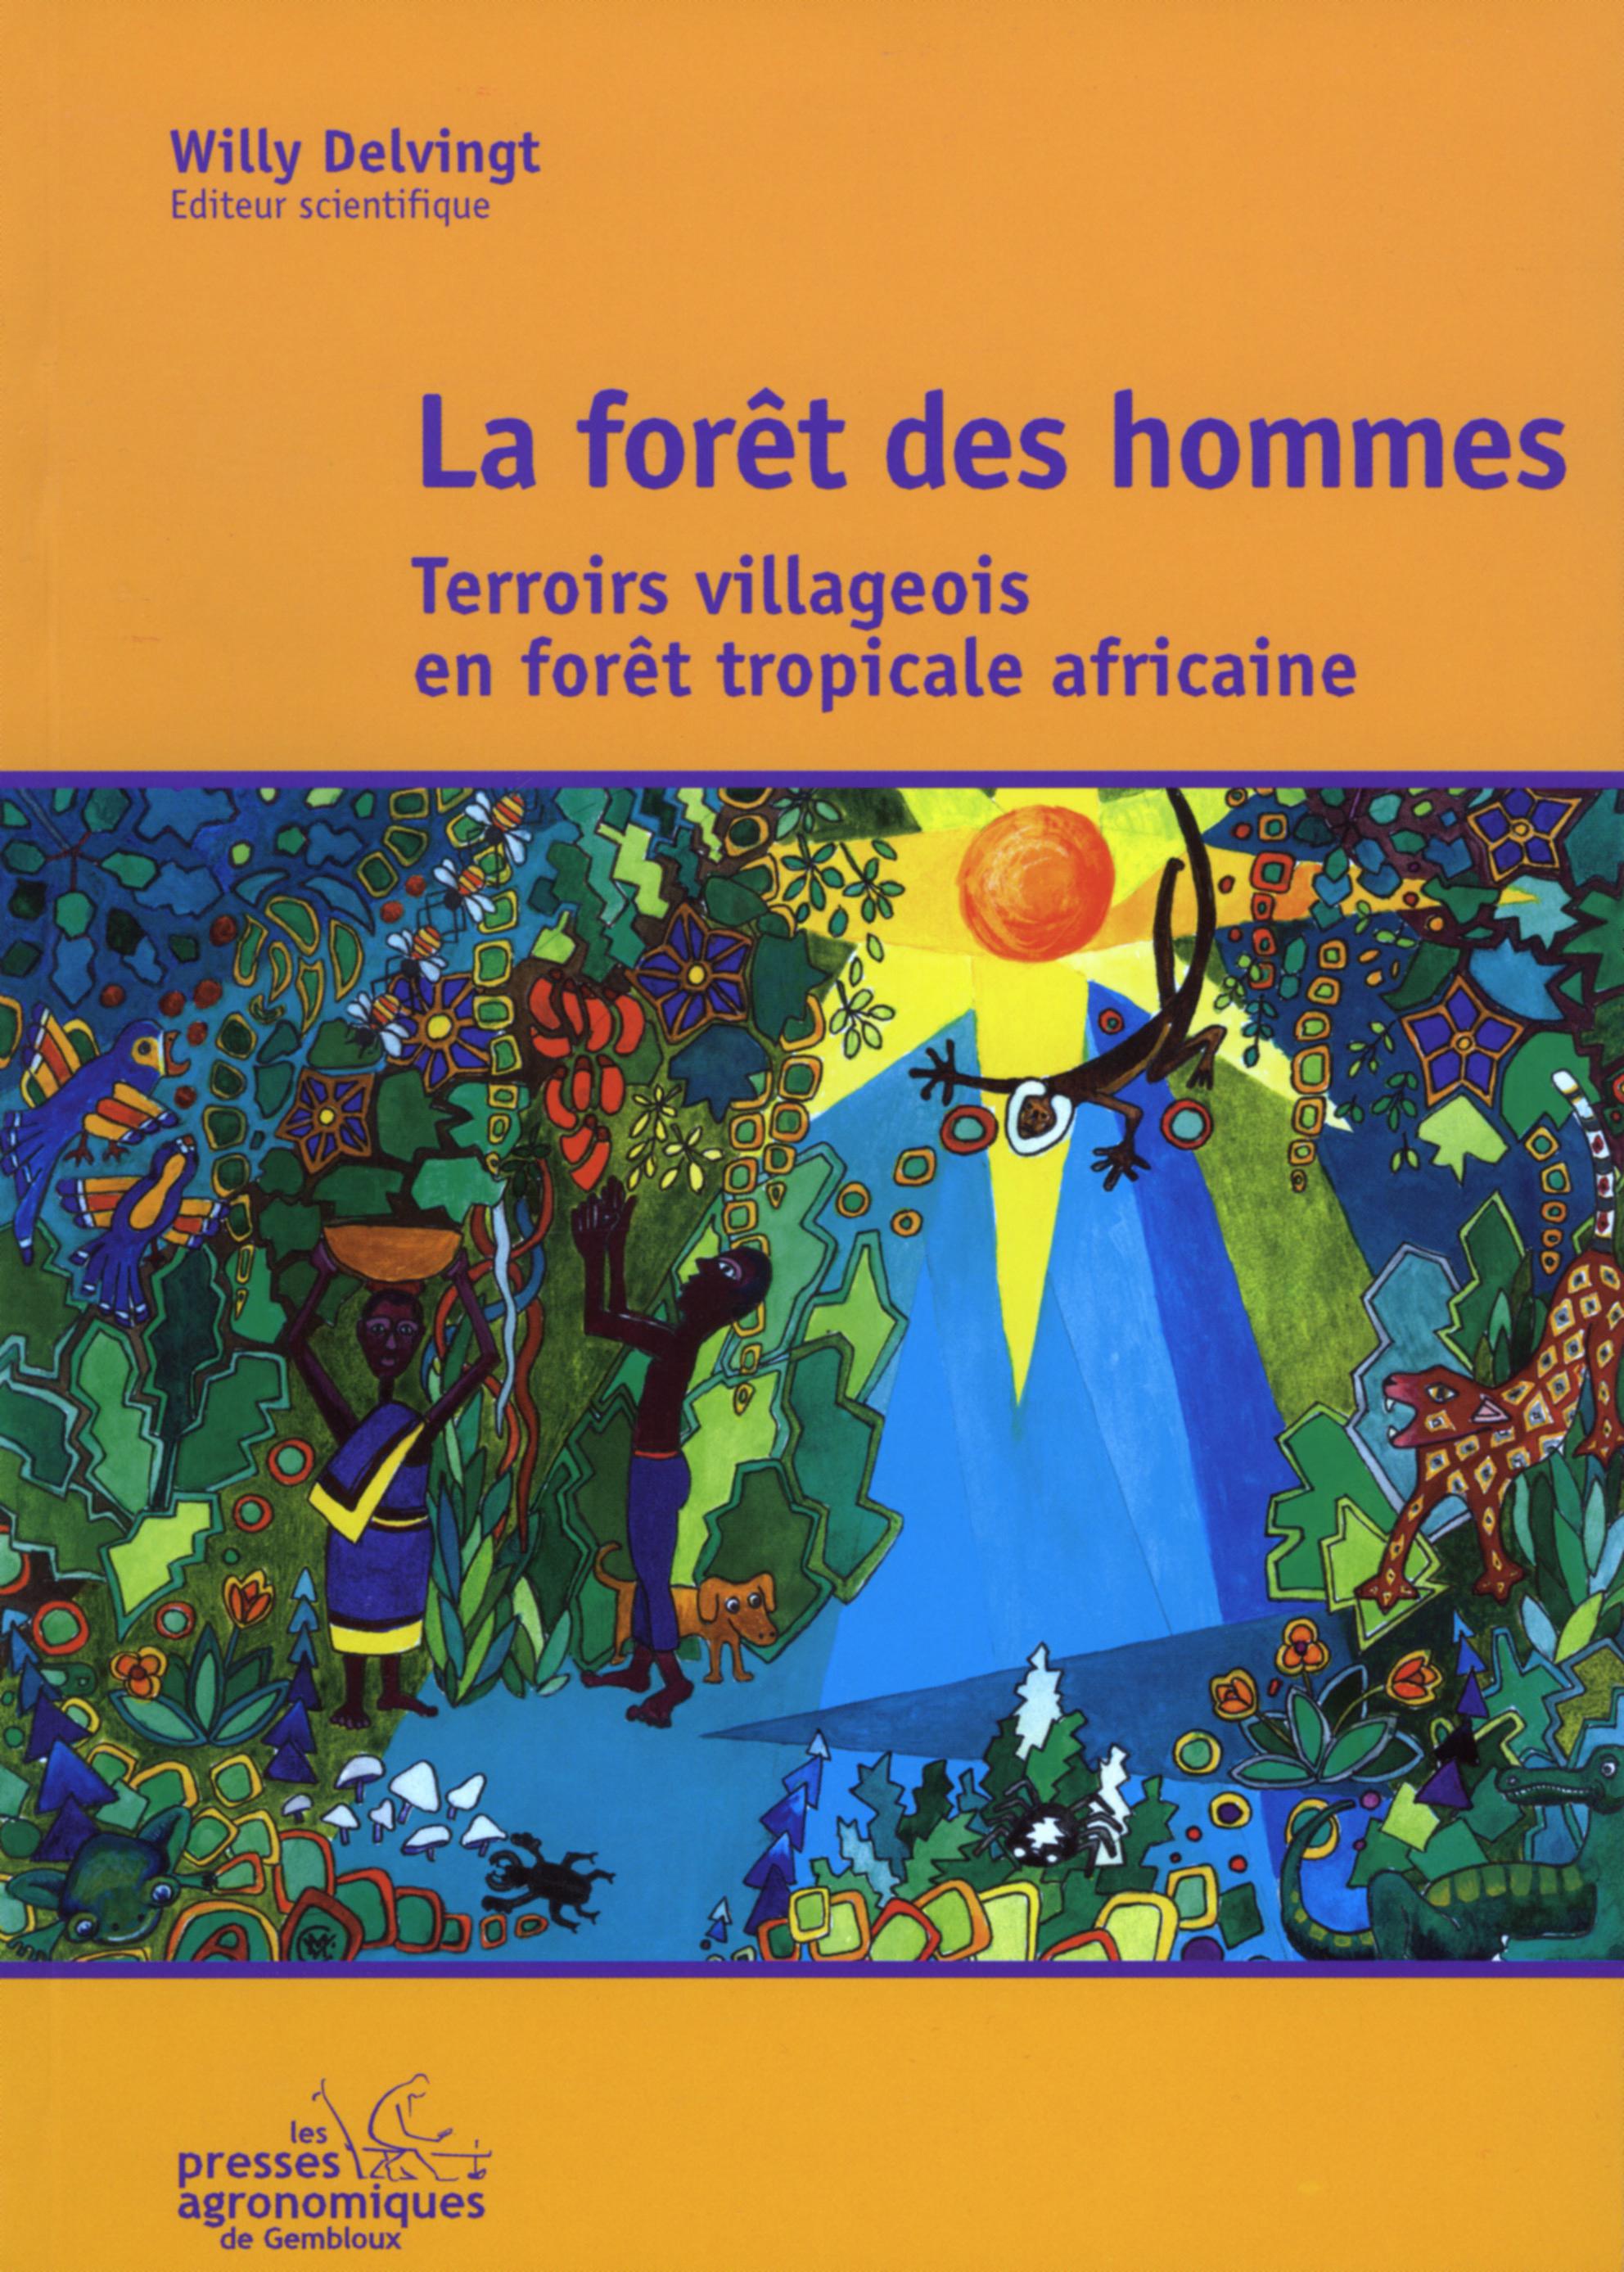 LA FORET DES HOMMES: TERROIRS VILLAGEOIS EN FORET TROPICALE AFRICAINE